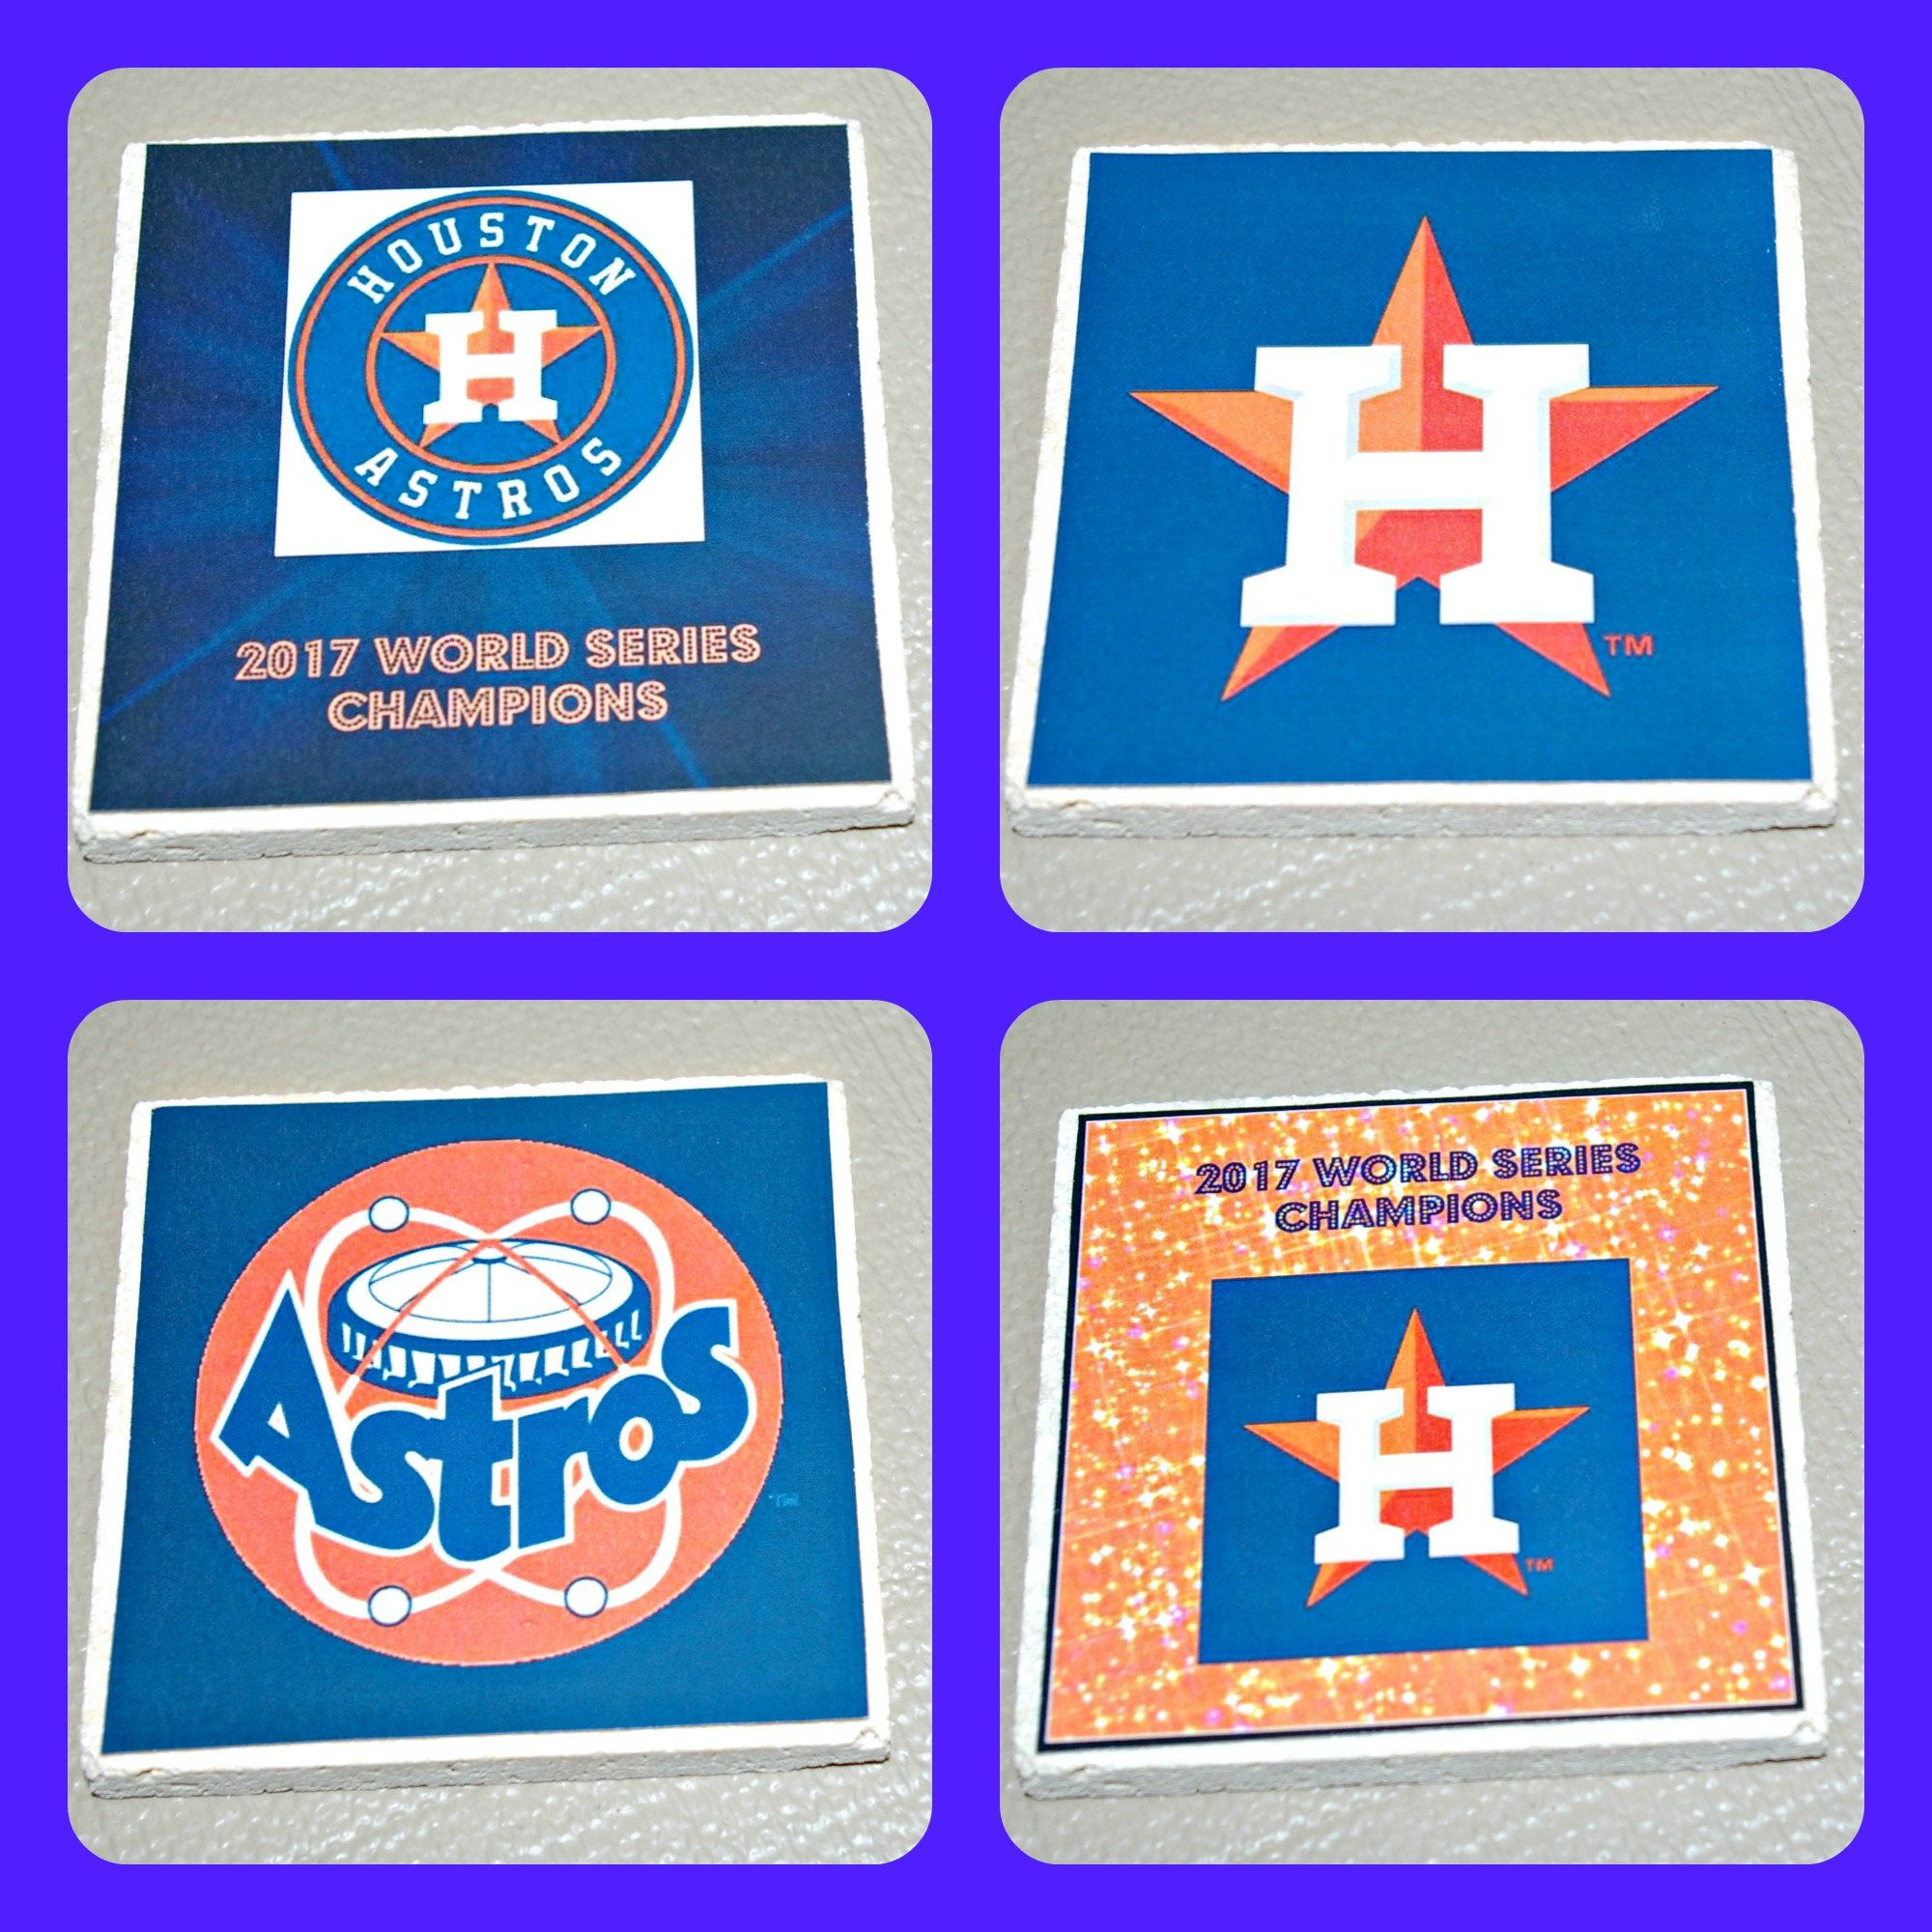 Houston astros astros baseball houston texas